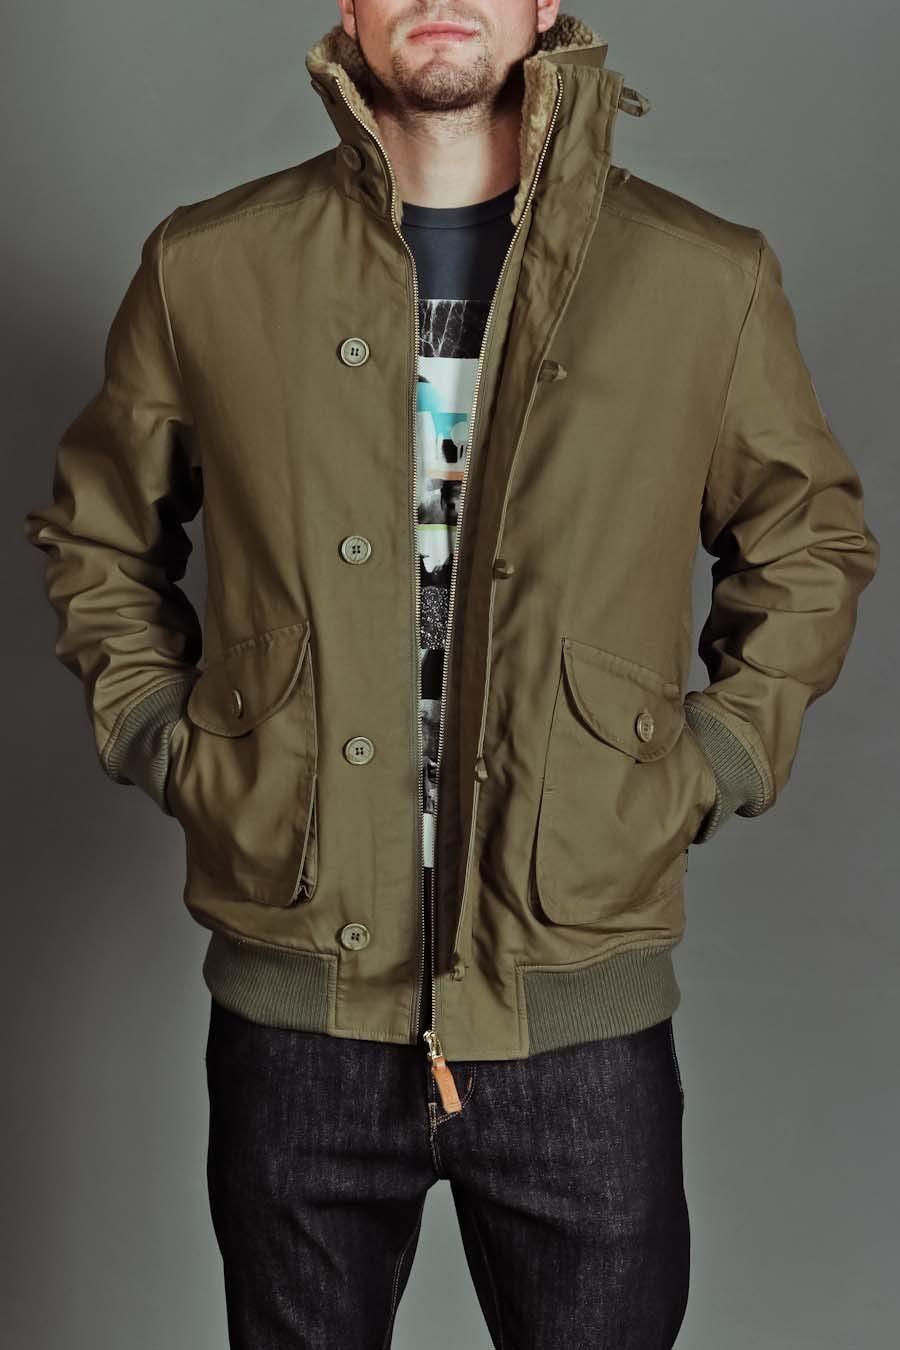 jackthreads leopoldo jacket military olive goodlook. Black Bedroom Furniture Sets. Home Design Ideas